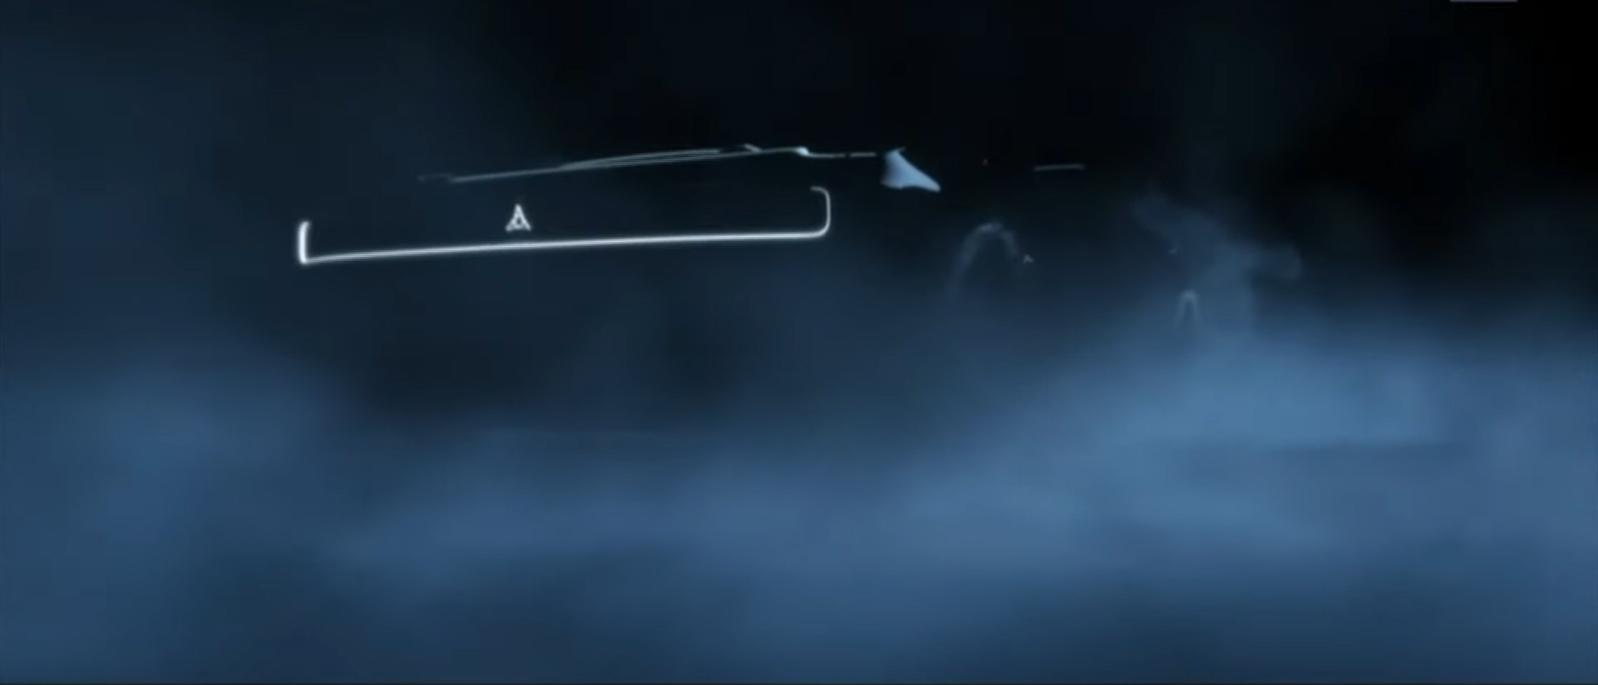 Novo Dodge elétrico ainda não tem nome, mas seu design não tenderá a ser muito disruptivo